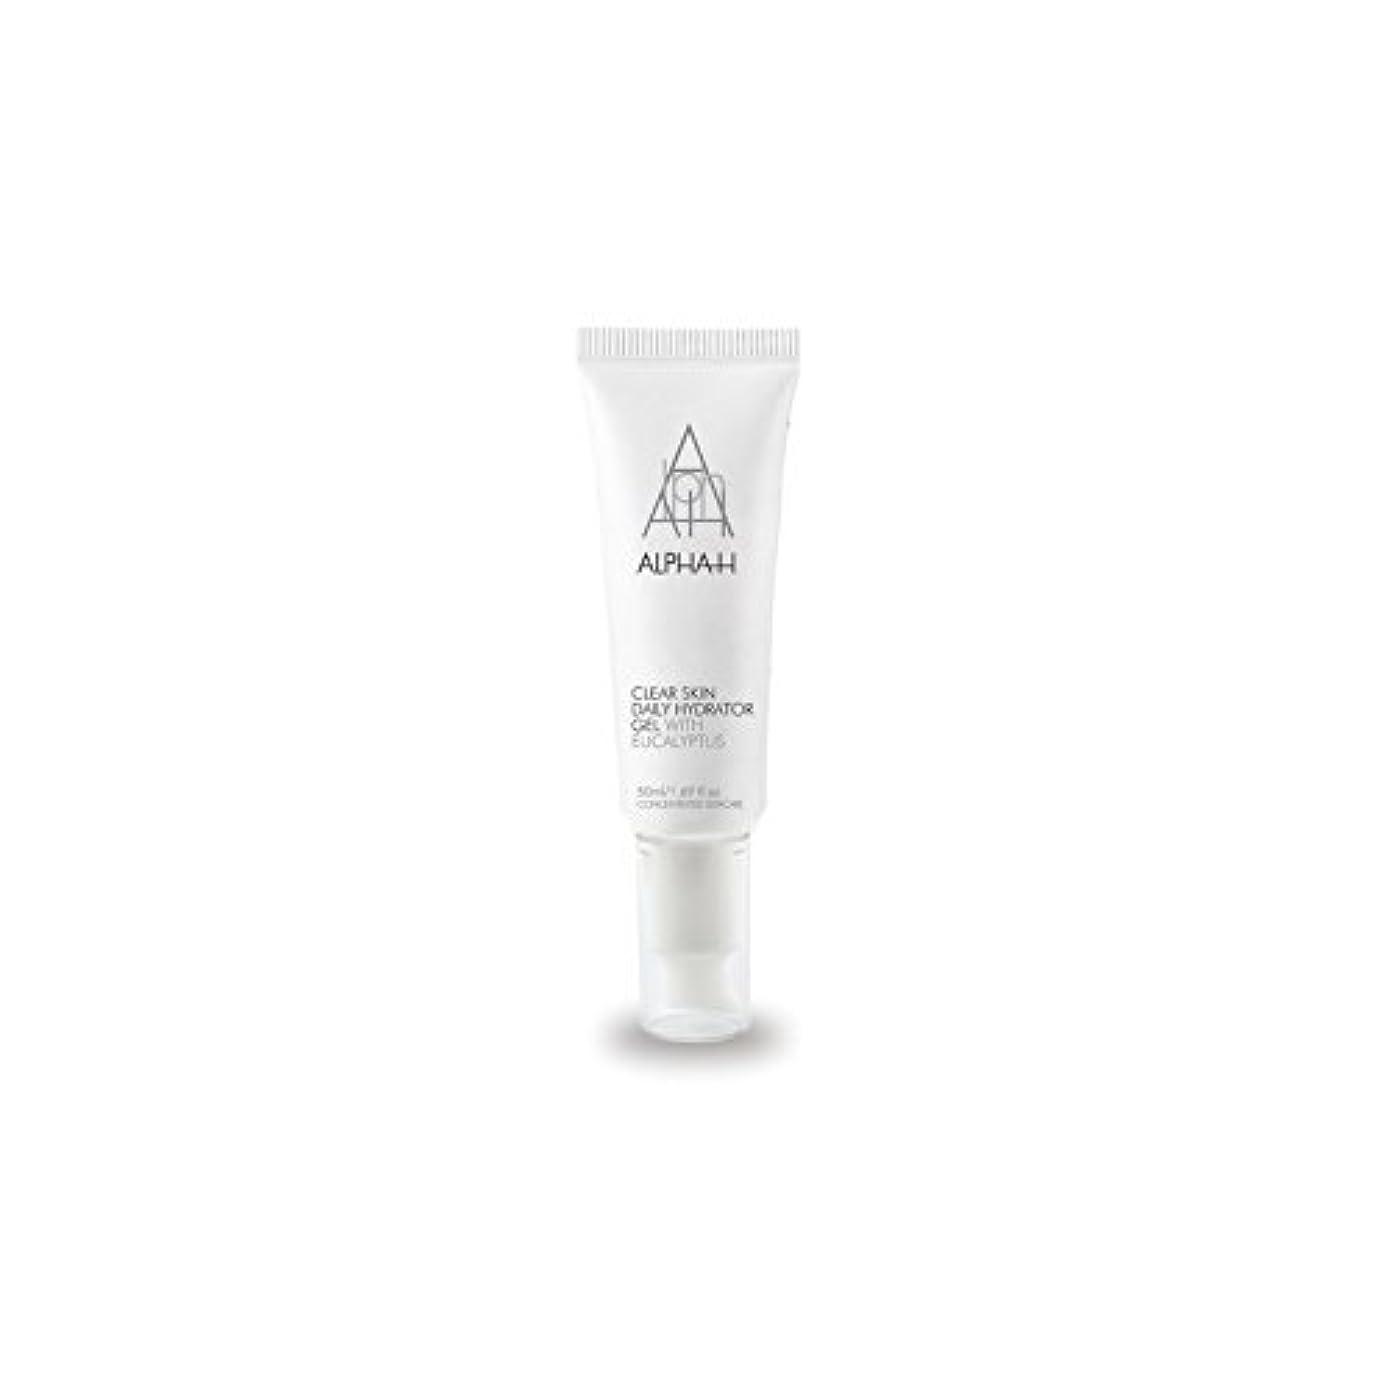 追加学士離れたアルファクリア皮膚毎日ハイドレーターゲル(50)中 x2 - Alpha-H Clear Skin Daily Hydrator Gel (50ml) (Pack of 2) [並行輸入品]